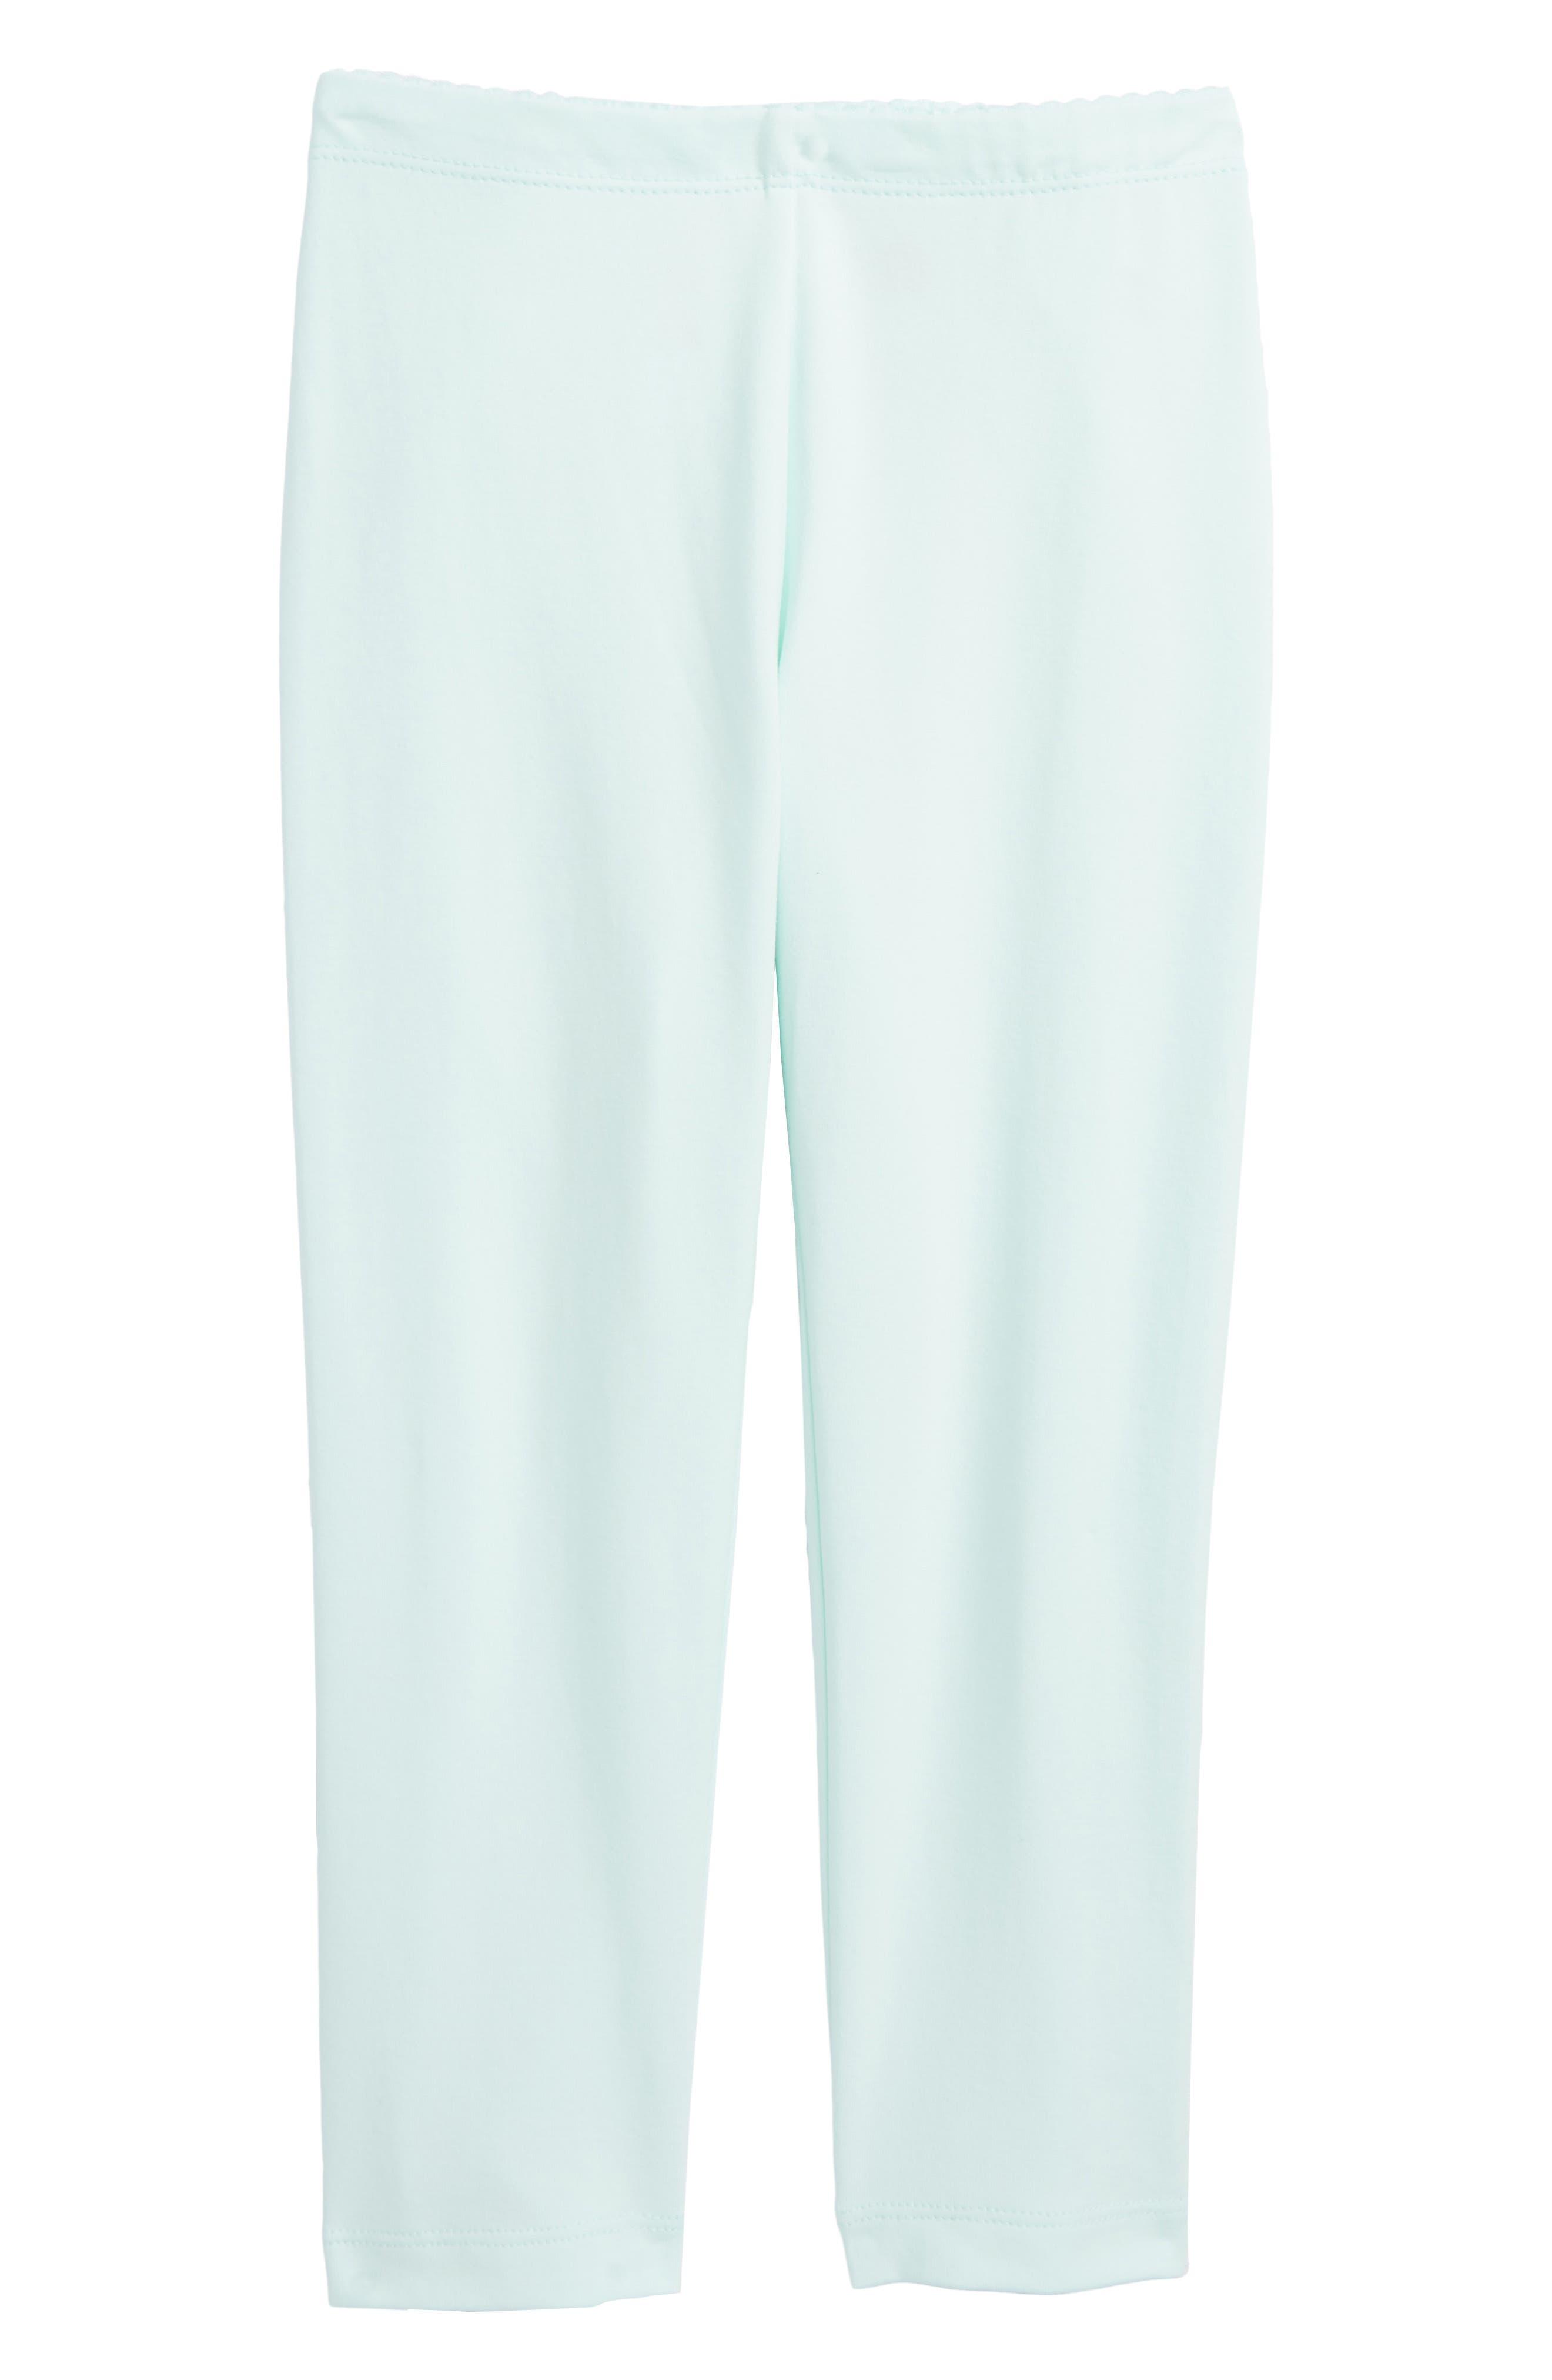 Capri Leggings,                         Main,                         color, 456